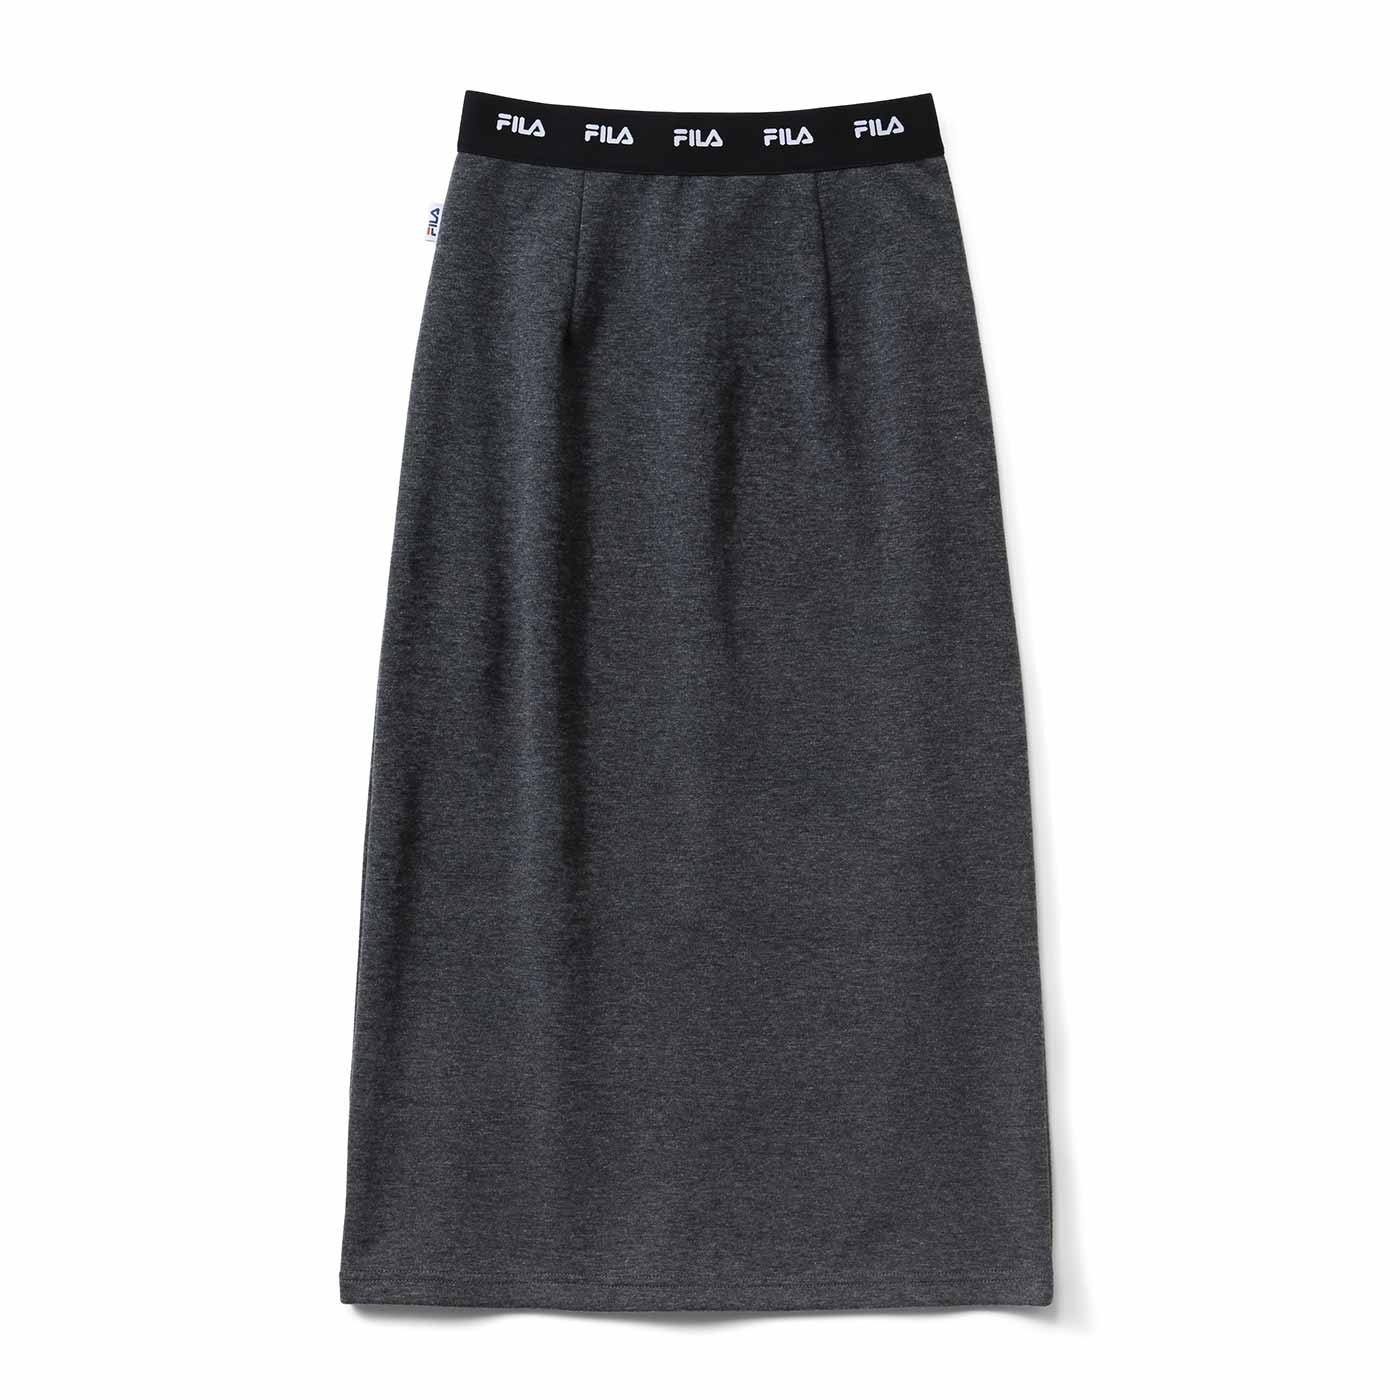 IEDIT[イディット] FILA別注 きれいめスウェットⅠラインスカート〈チャコール杢(もく)グレー〉